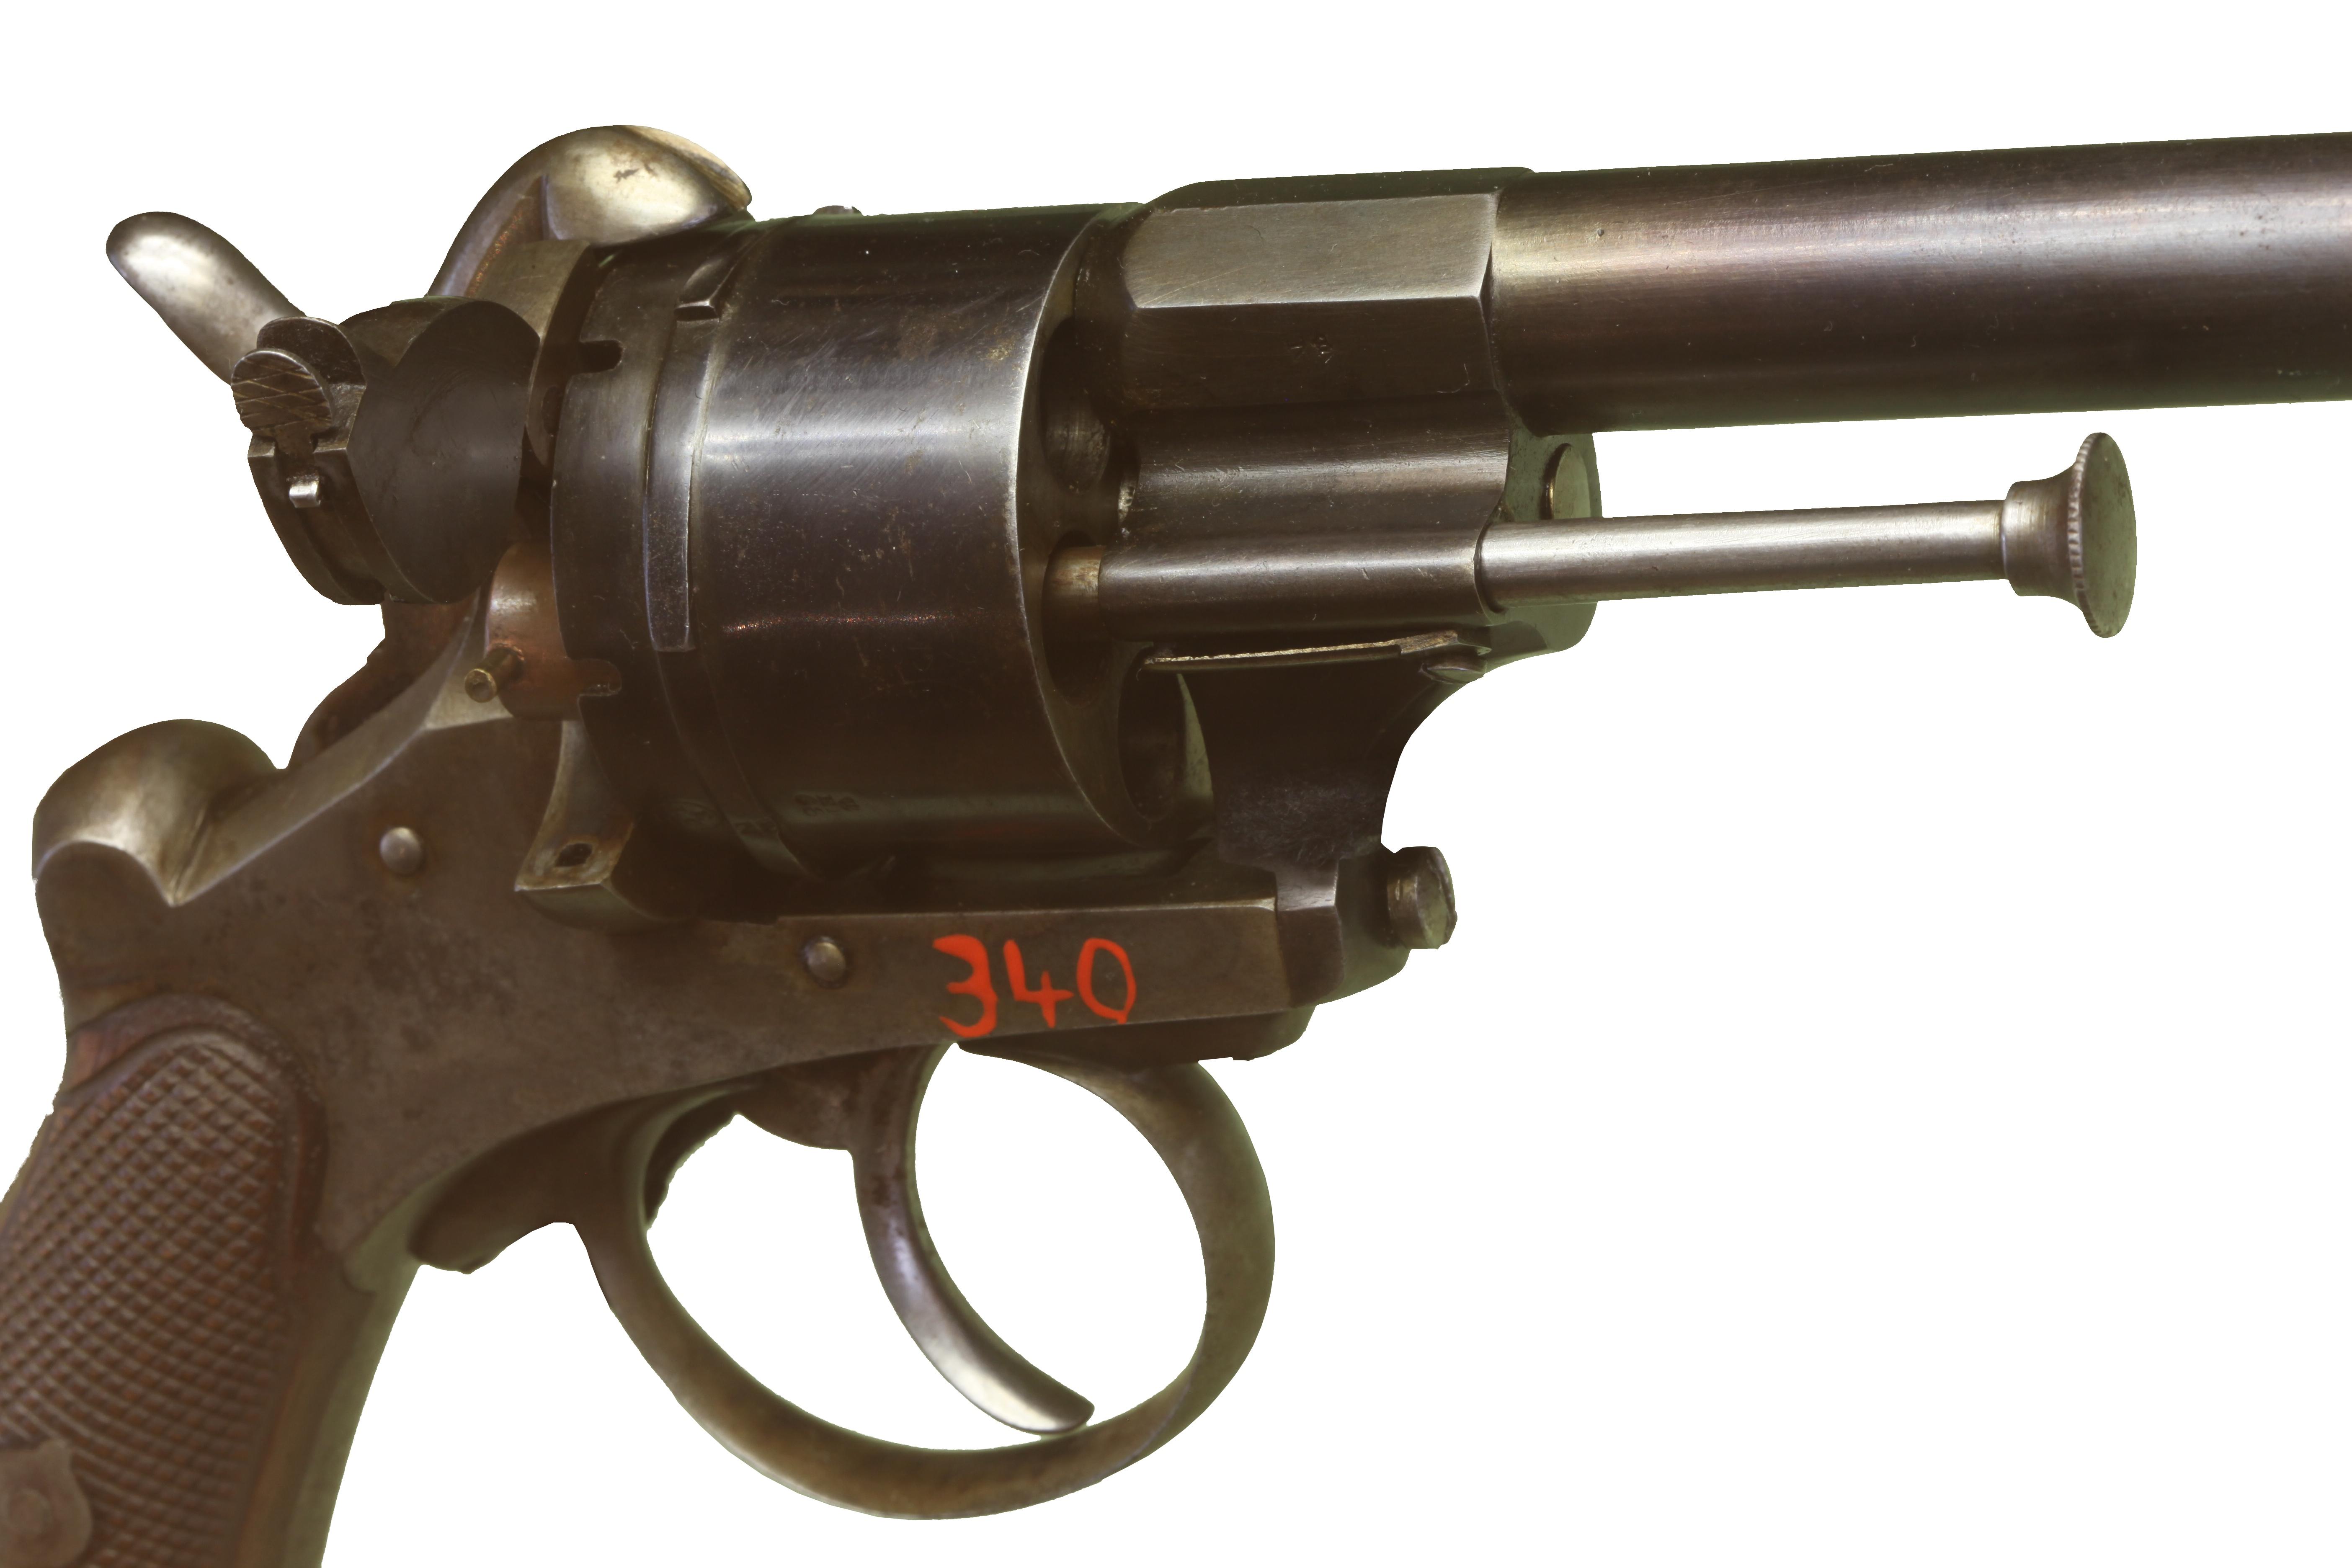 Lefaucheux Revolver Pics, Weapons Collection